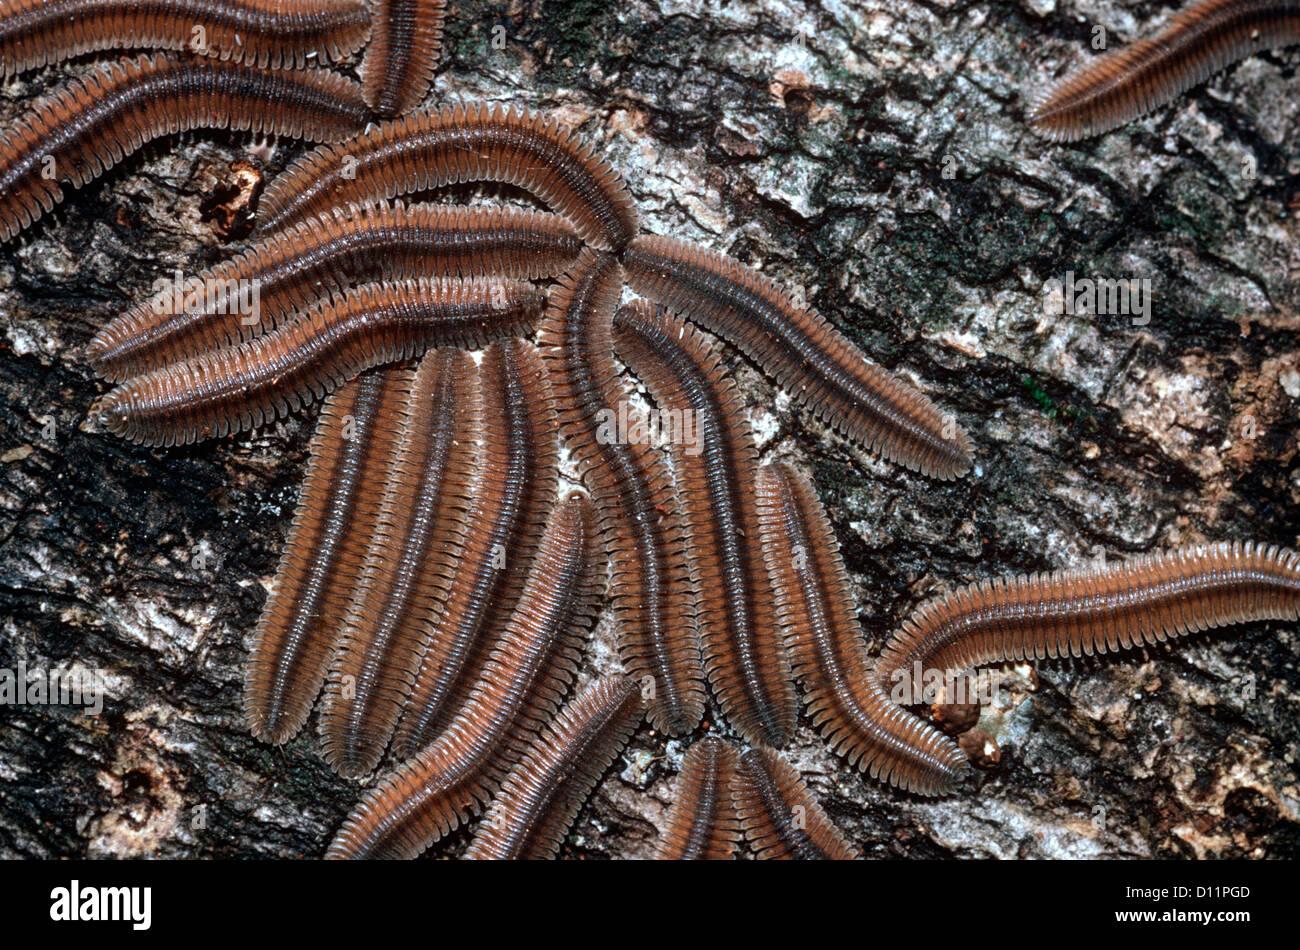 Baumstamm Für Wohnung wohnung-backed tausendfüßler (polydesmidae) montage um auf einem